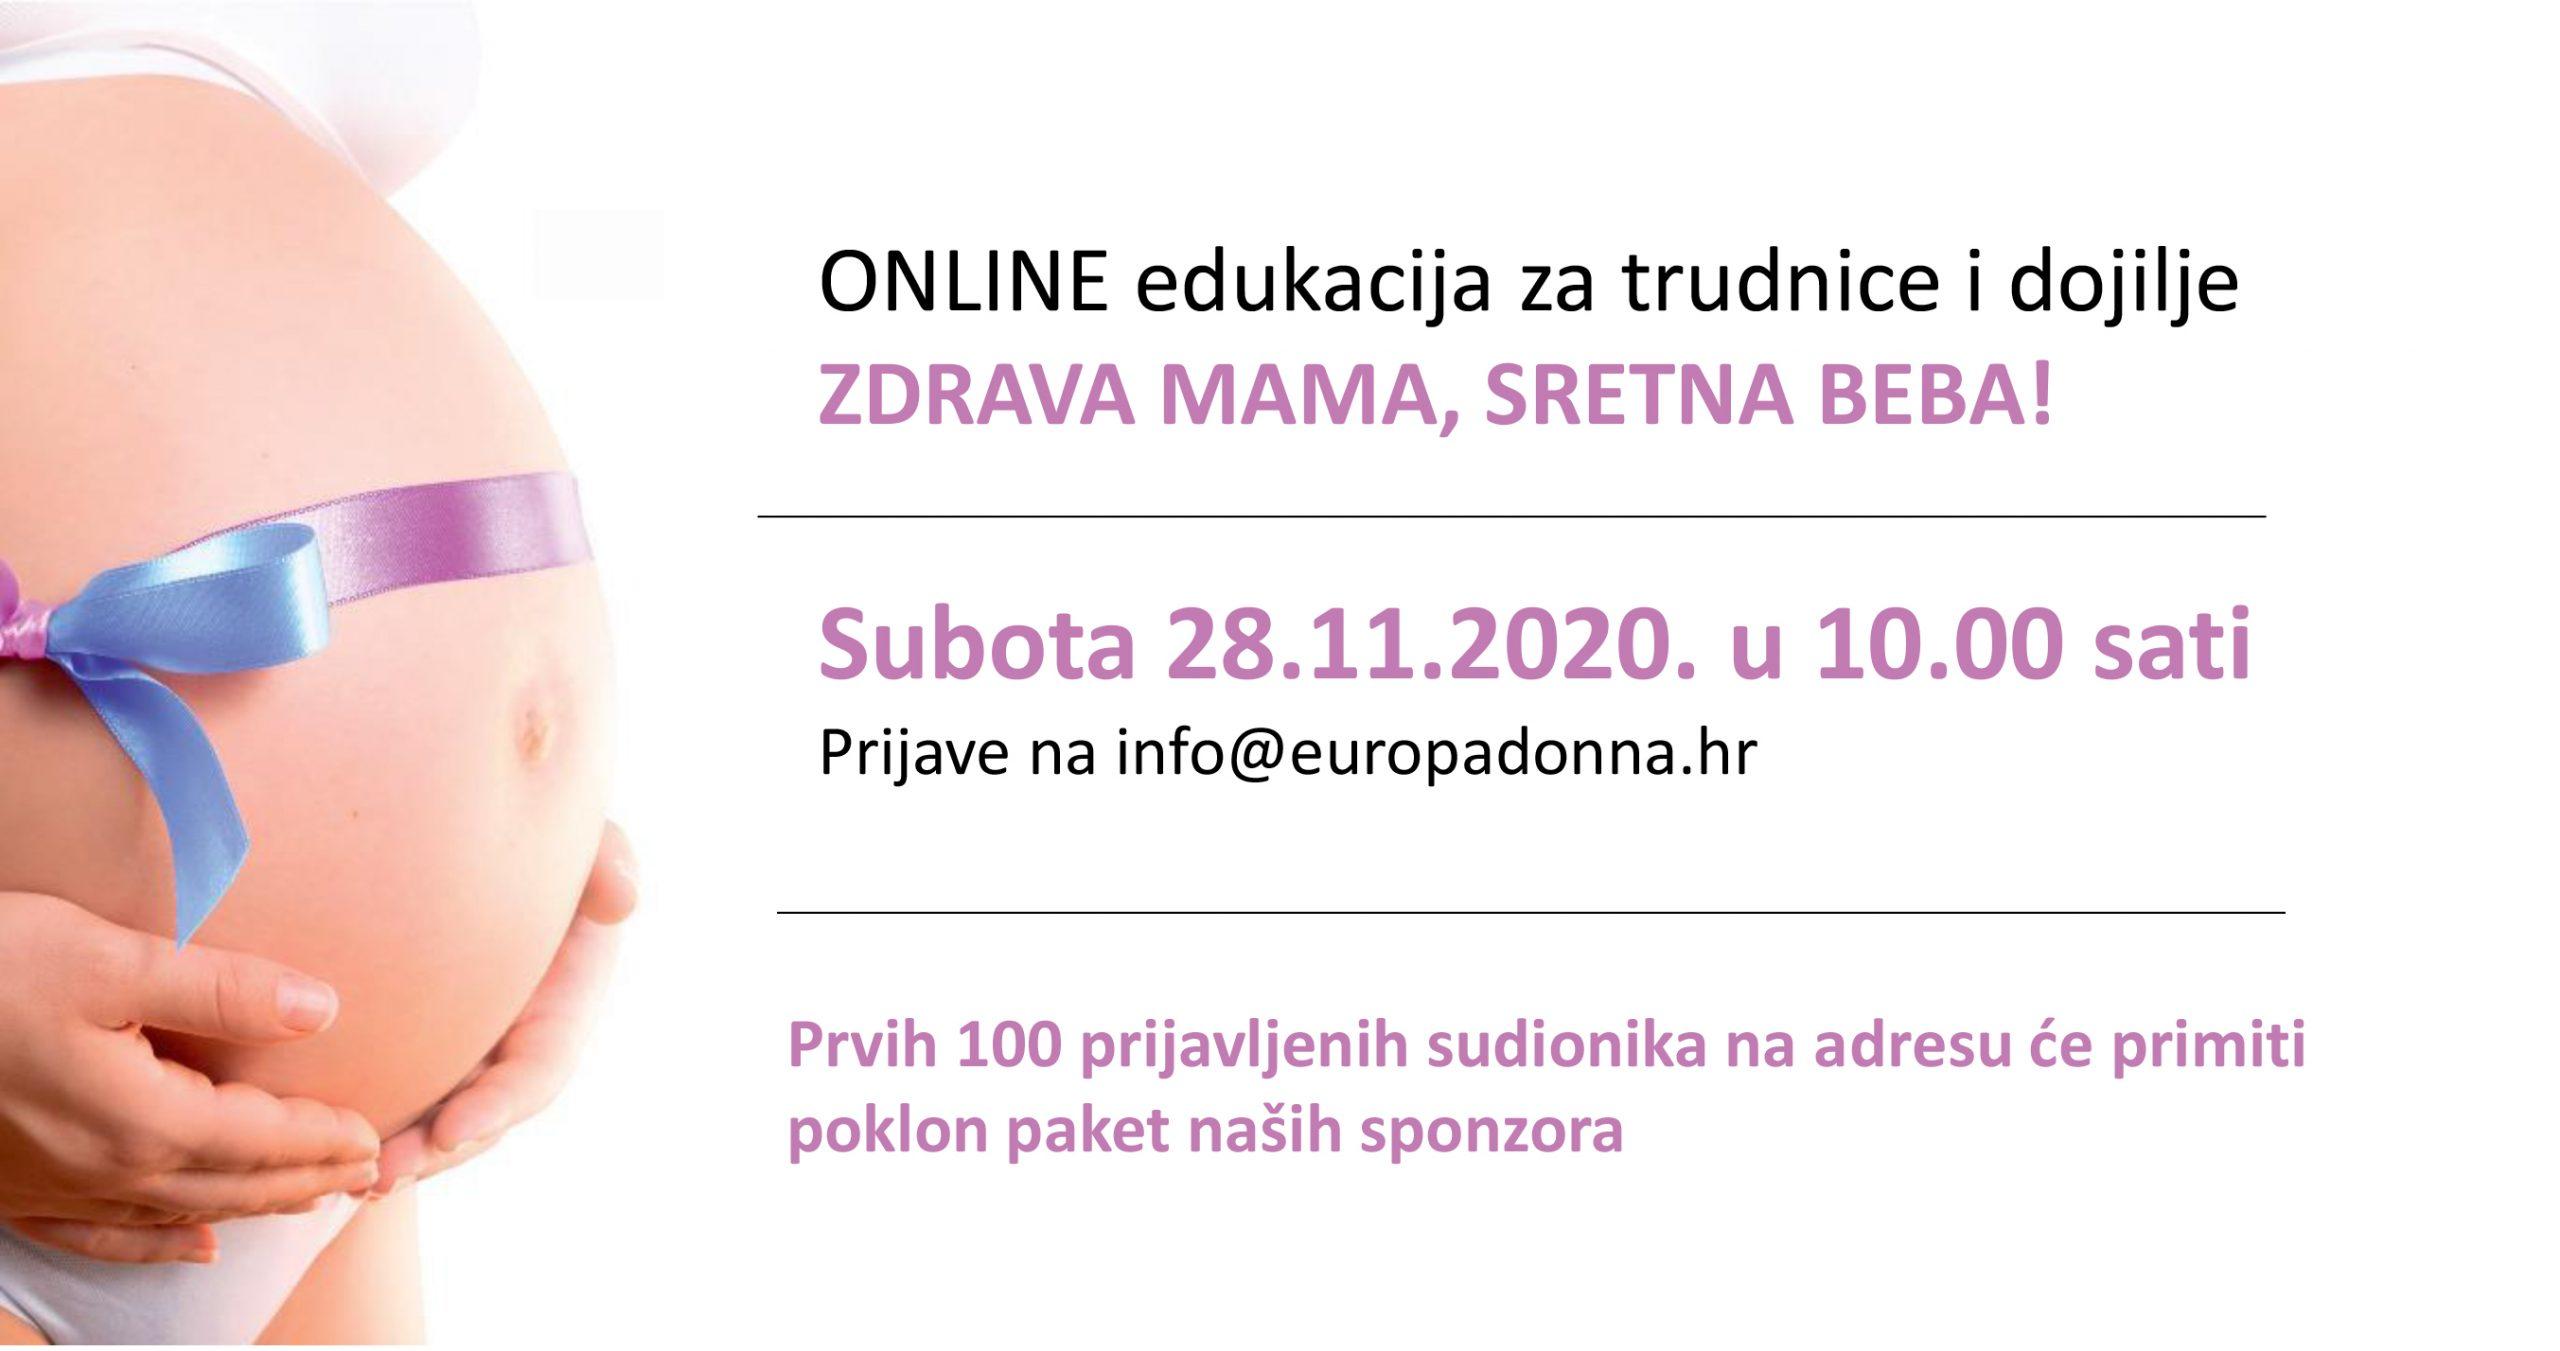 Humanitarna akcija udruge Europa Donna Hrvatska: besplatna online edukacija za trudnice i dojilje